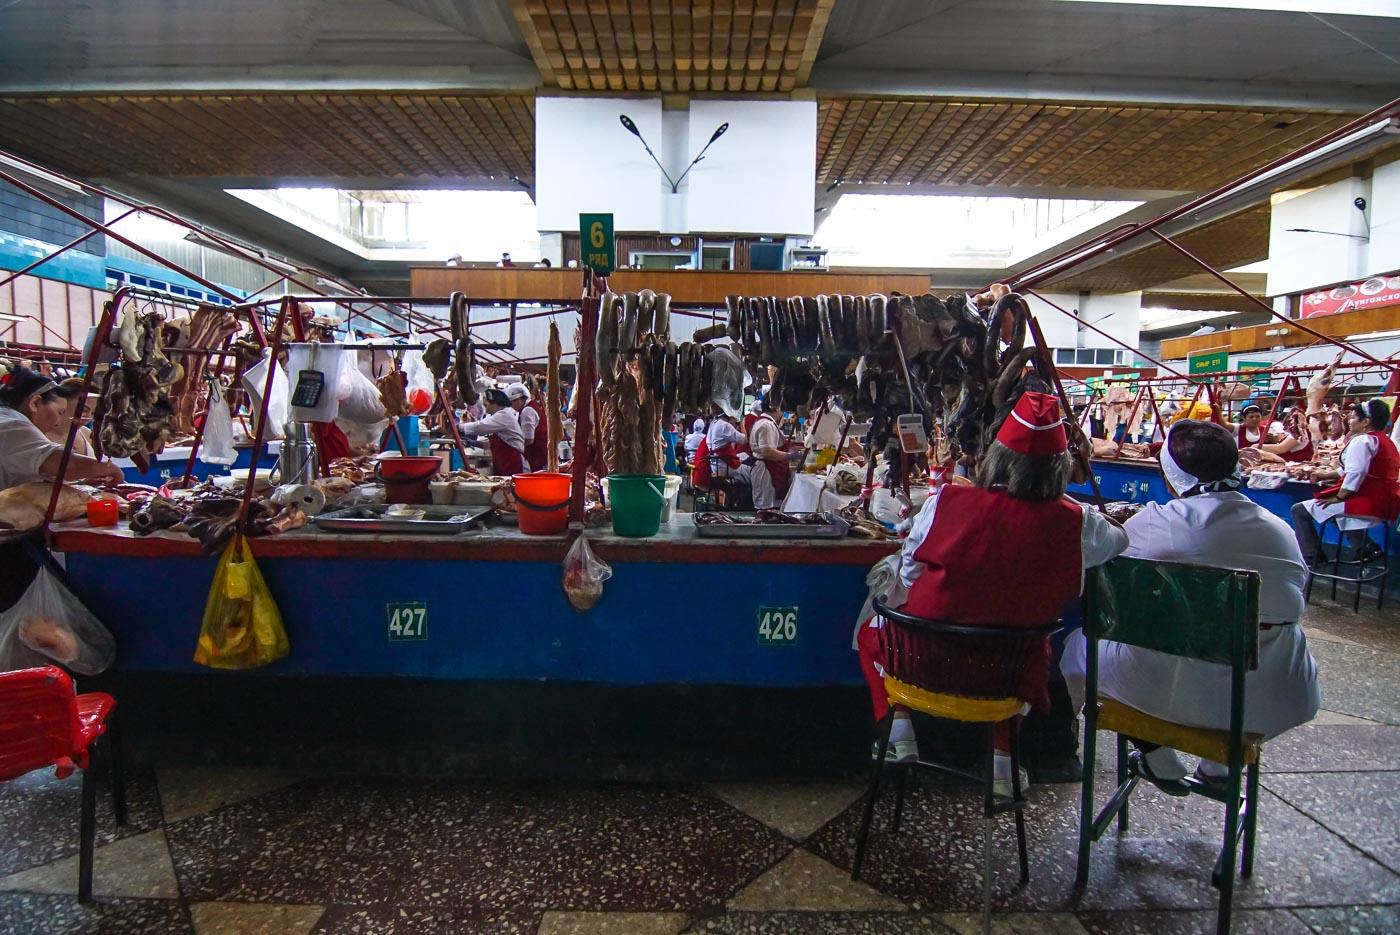 zu sehen ist die Fleisch Abteilung auf dem Green Basar in Almaty. Im Vordergrund sitzen zwei Verkäuferin auf Stühlen dahinter erstrecken sich die einzelnen Stände mit Nummern markiert und unzählige Würste, Fleischstücke und Tierköpfe werden angeboten.